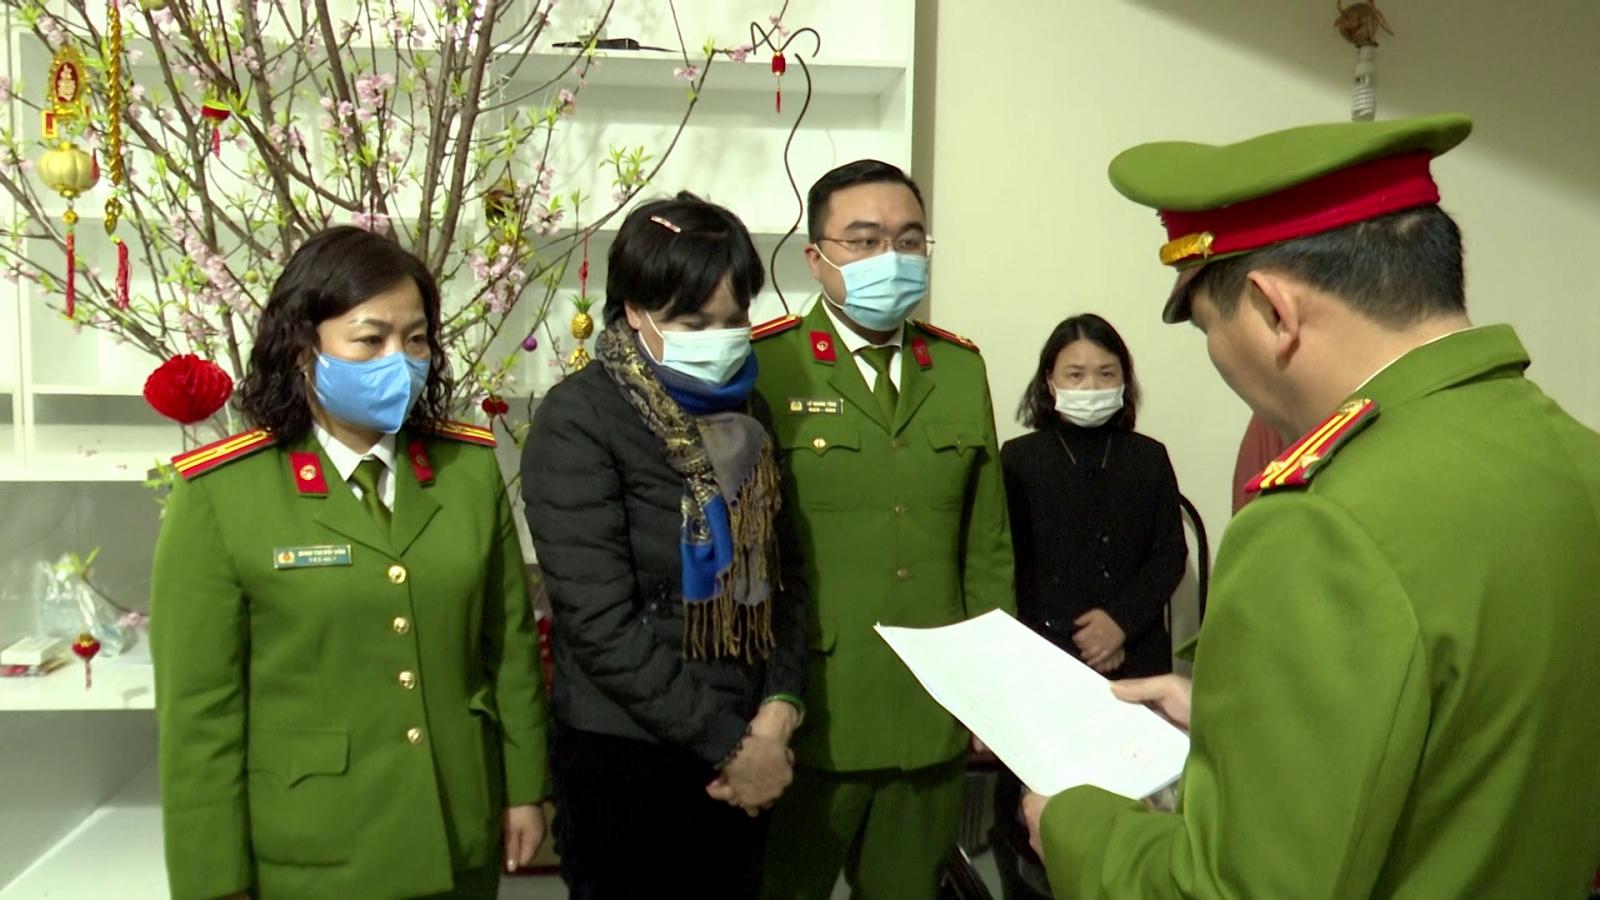 Vụ sai phạm trong đấu thầu: Giám đốc Sở Y tế Sơn La bị kỷ luật cảnh cáo